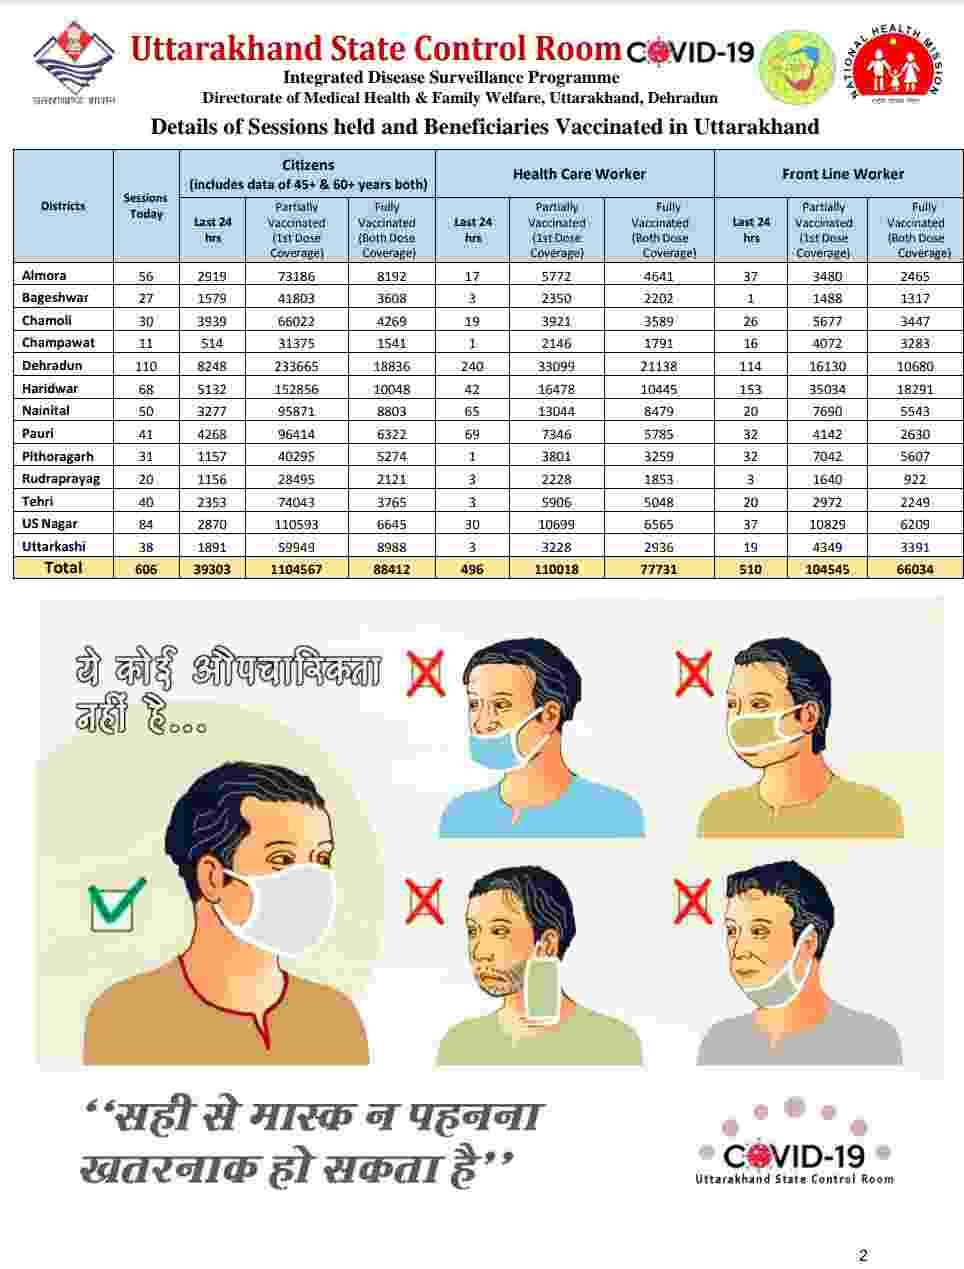 उत्तराखंड में आज 2757 नए कोविड-19 मरीज़, 37 लोगों की मौत, देहरादून में आज 1179 कोविड मरीज़ 3